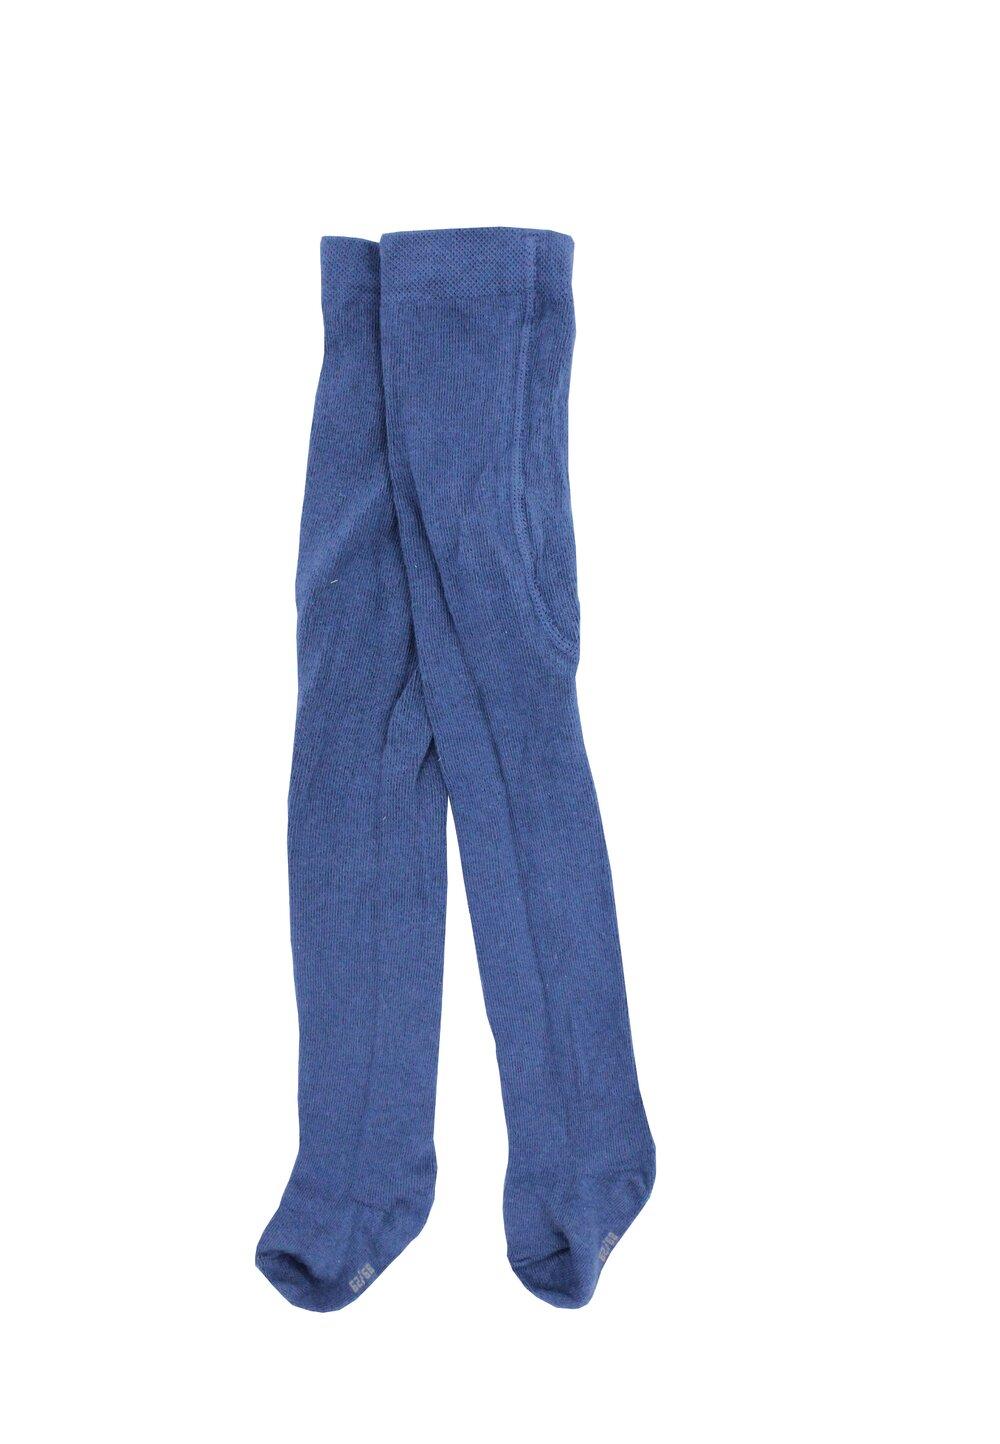 Ciorapi cu chilot, bebe, 83% bumbac, albastru